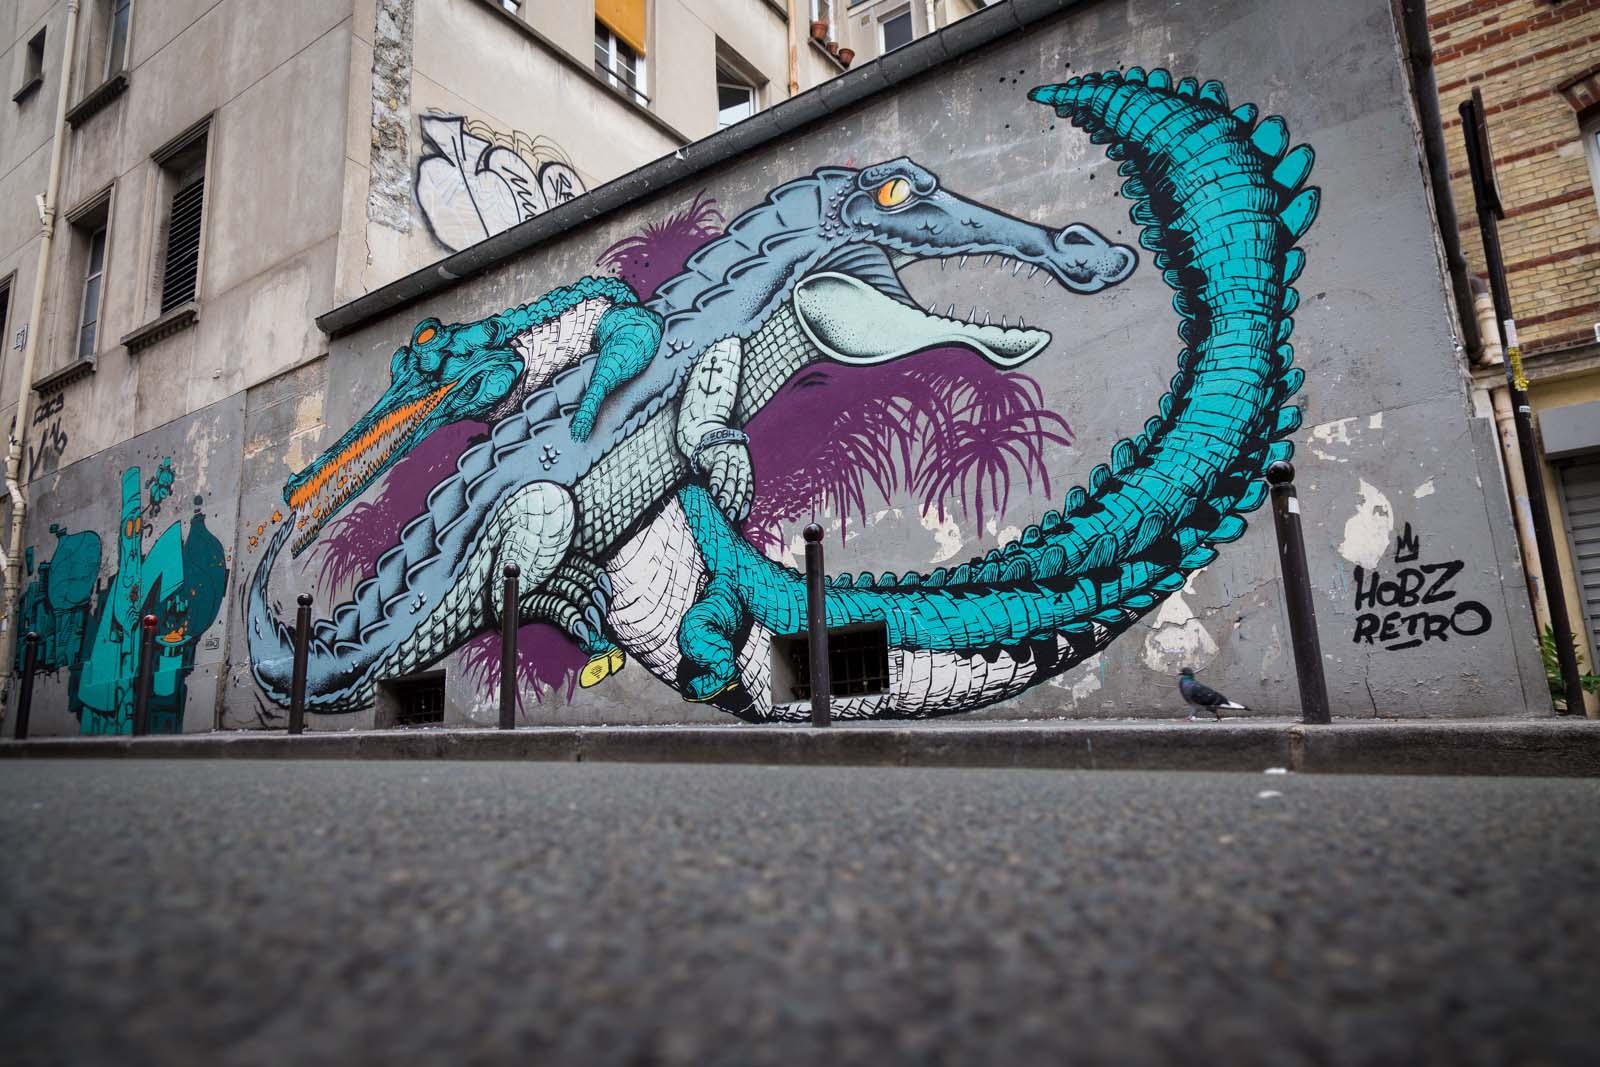 Rétro graffitist et Hobz - Septembre 2016